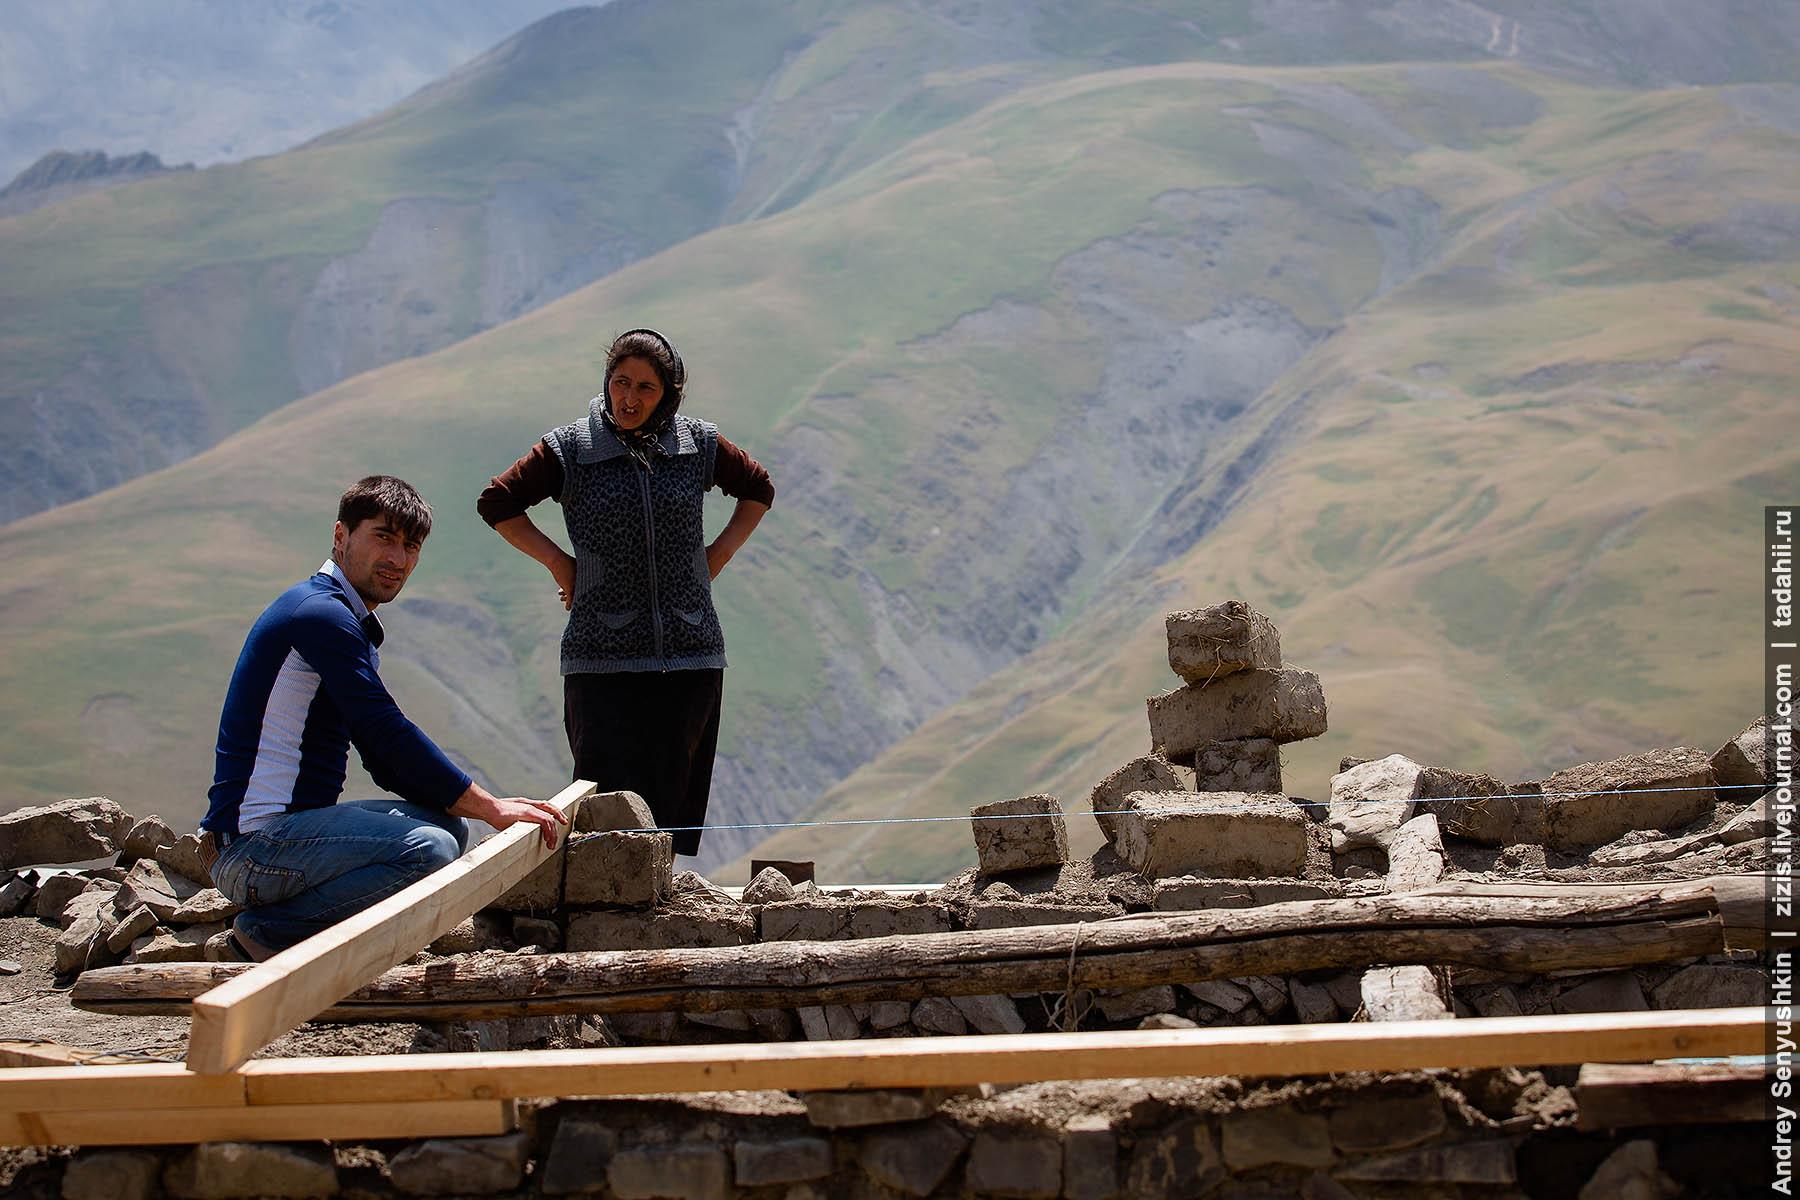 Как из камней и палок за три дня построить настоящий дом, в котором можно жить сто лет